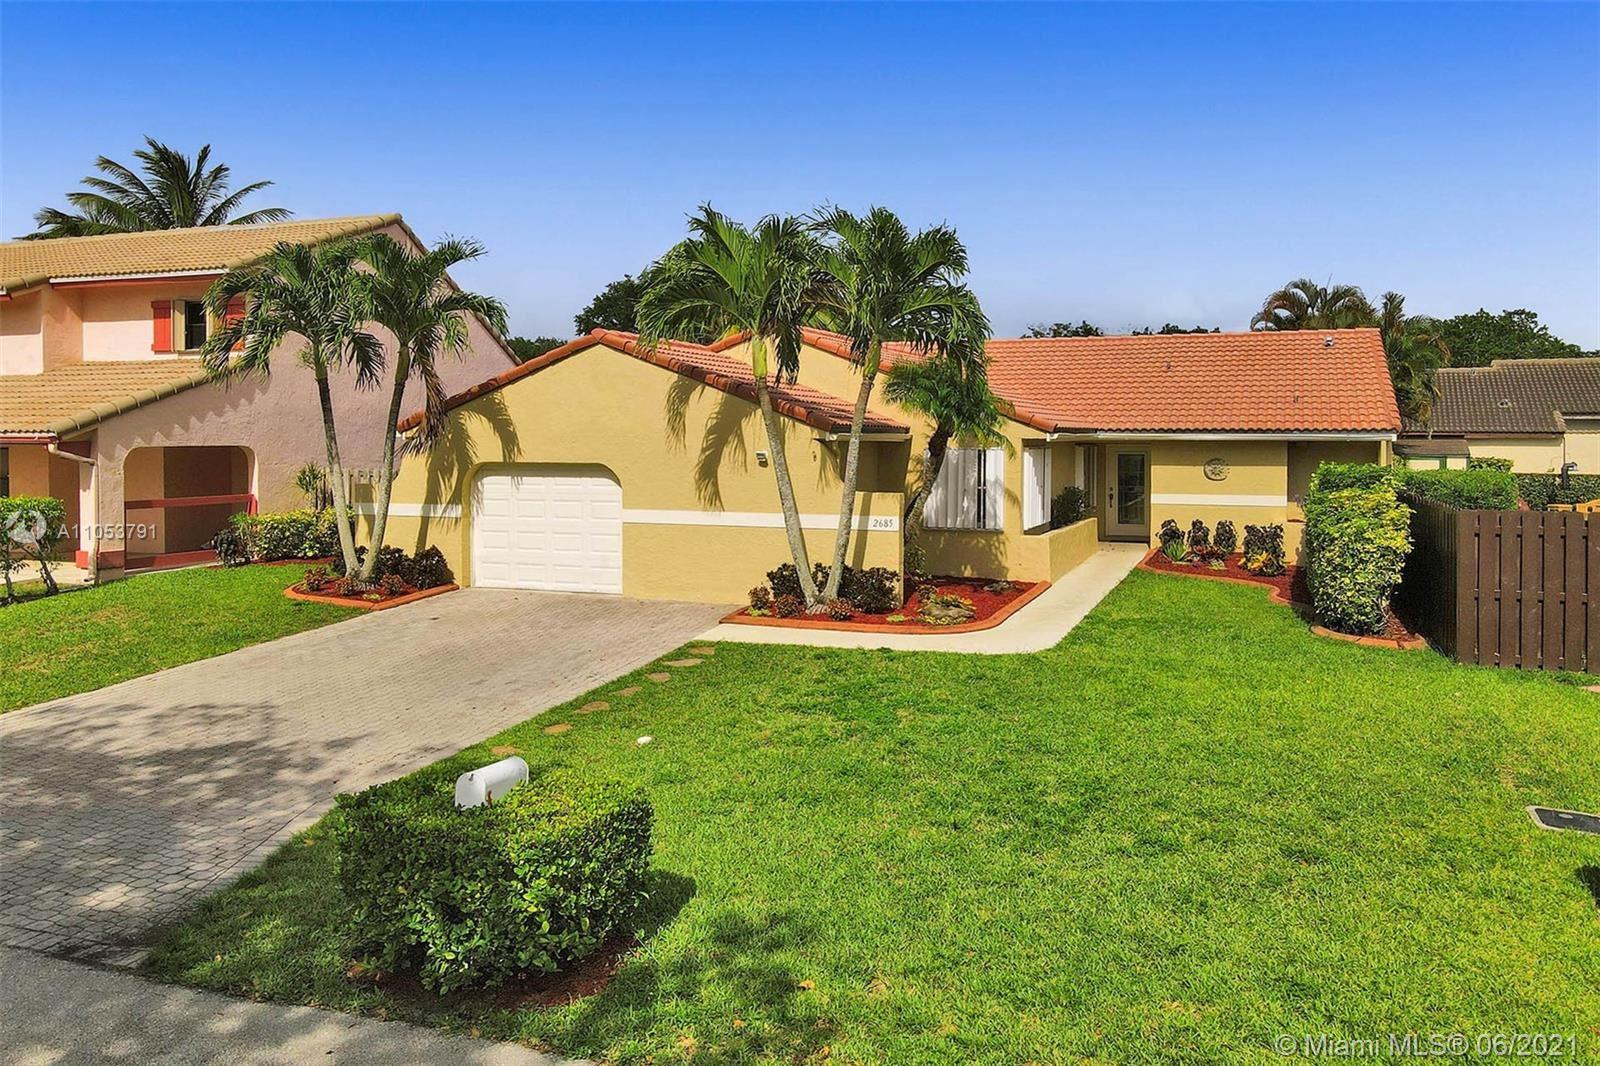 2685 Brim Way, Cooper City, FL 33026 - #: A11053791